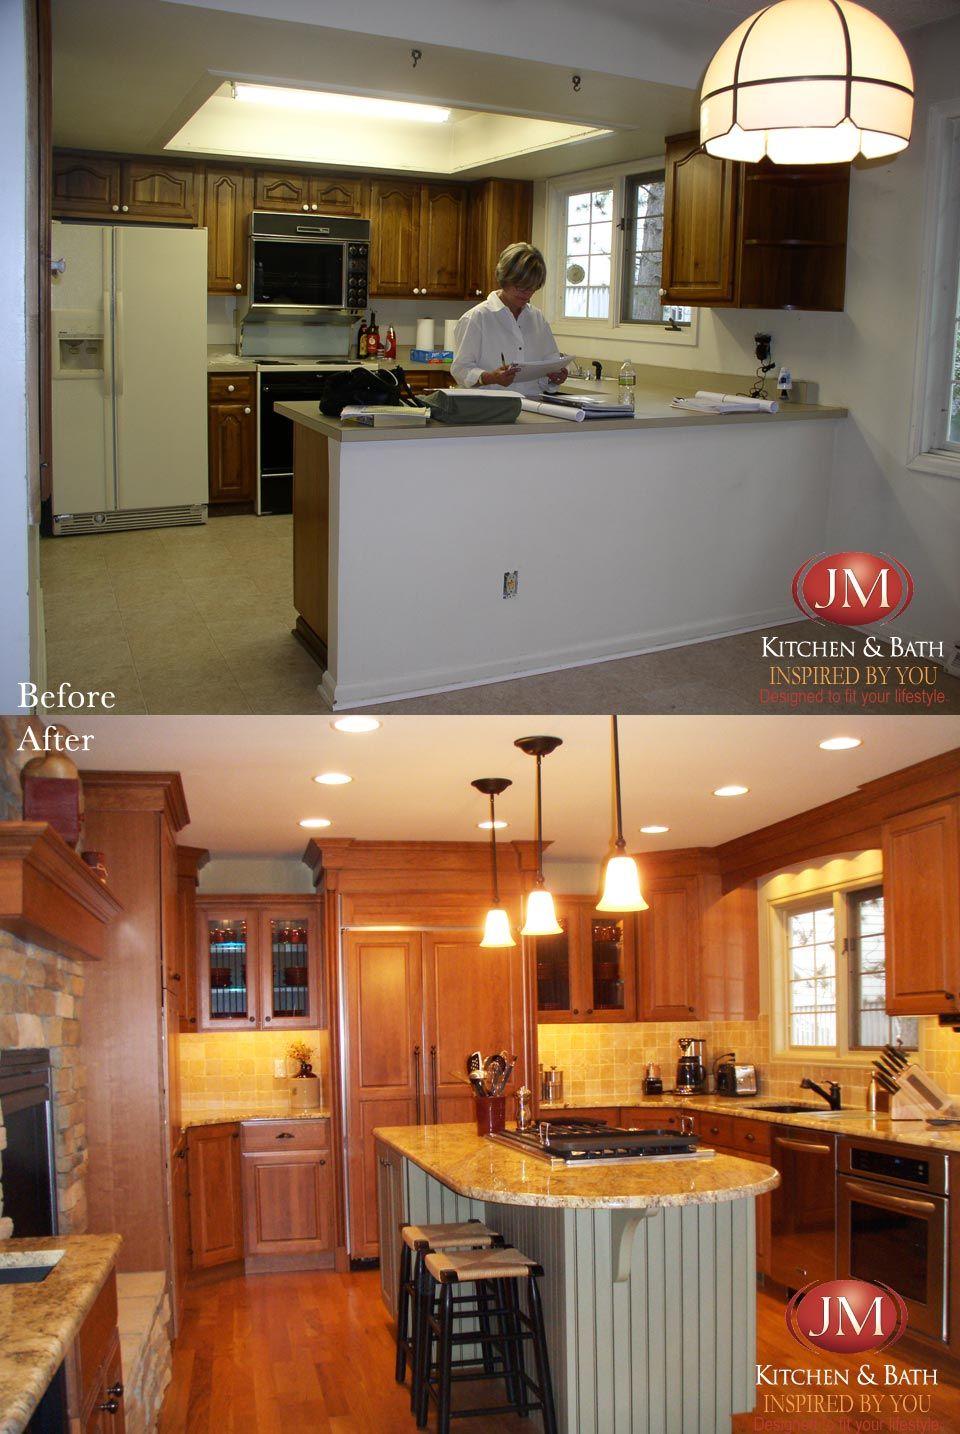 kitchen remodel denver Before and after kitchen remodel Denver CO by j m Kitchen and Bath